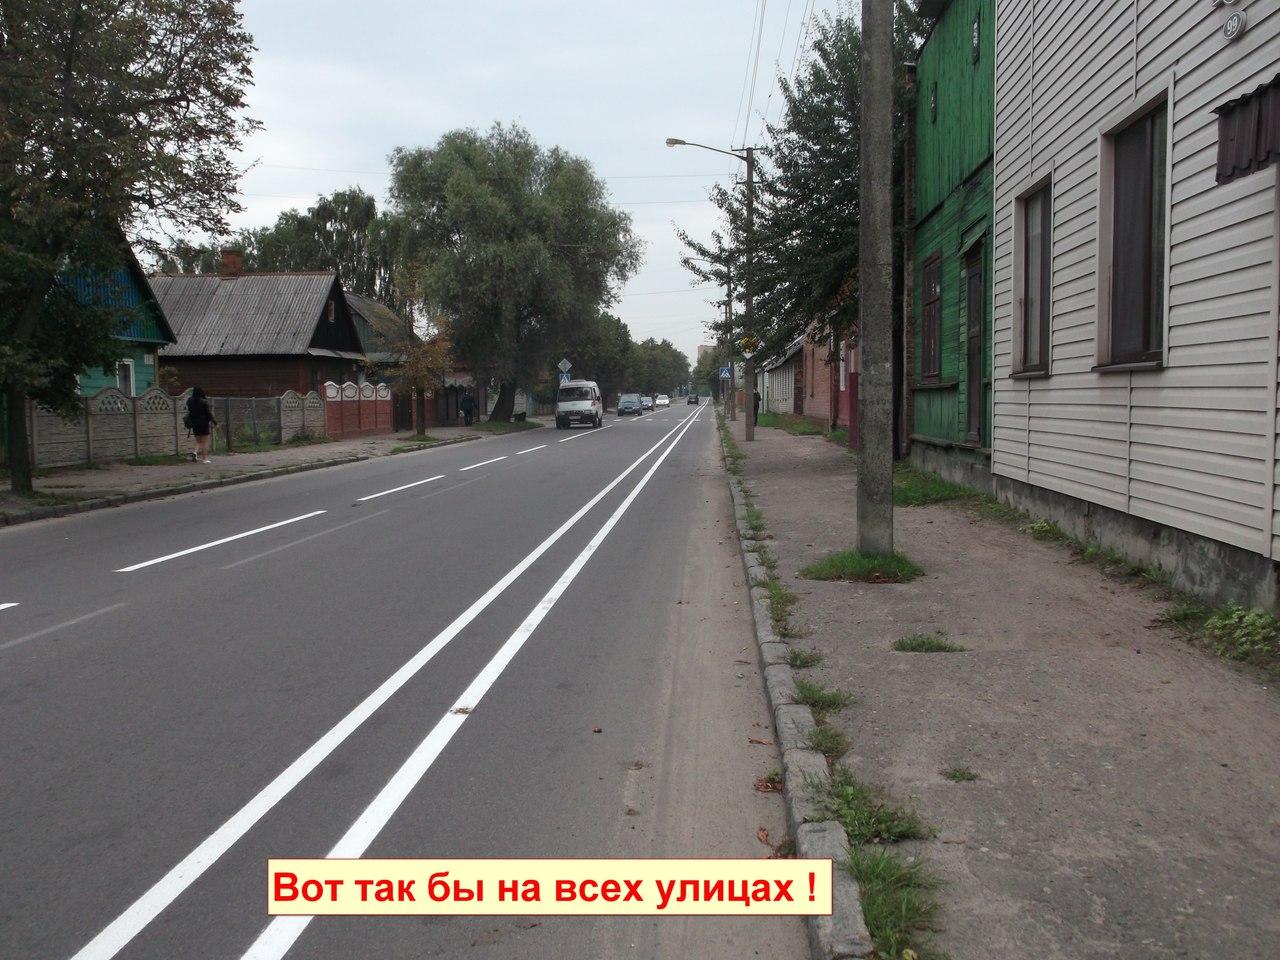 На ул. Пушкинской появилась велодорожка вдоль проезжей части